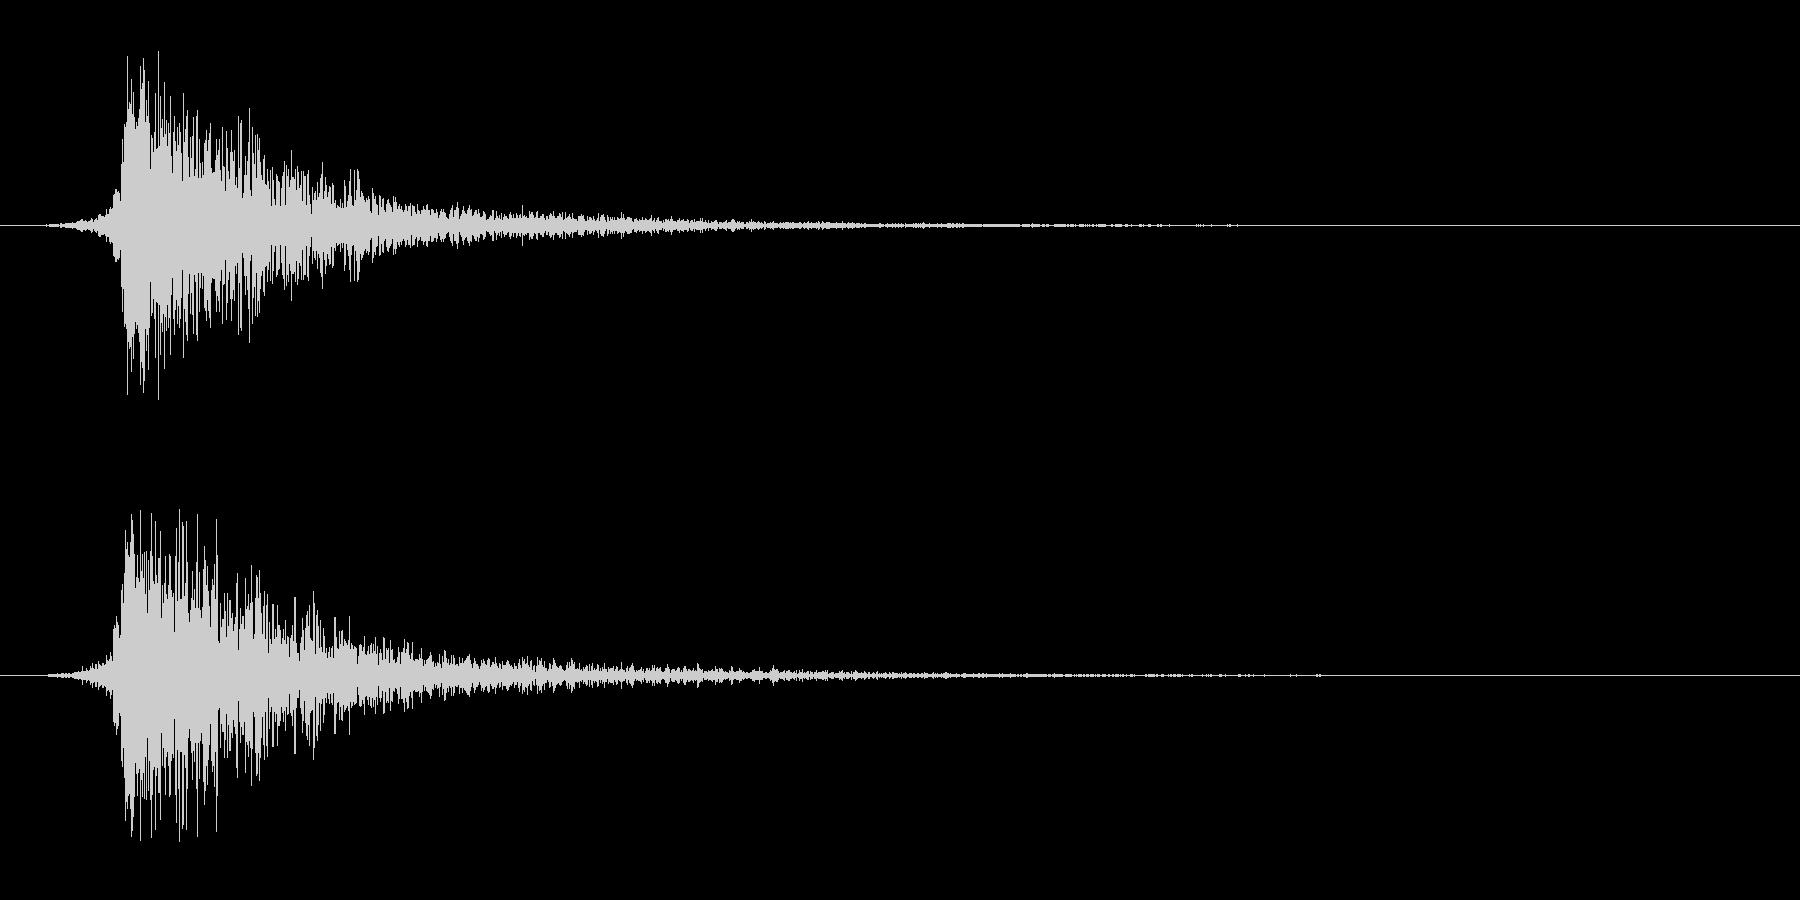 シュードーン-8(インパクト音)の未再生の波形